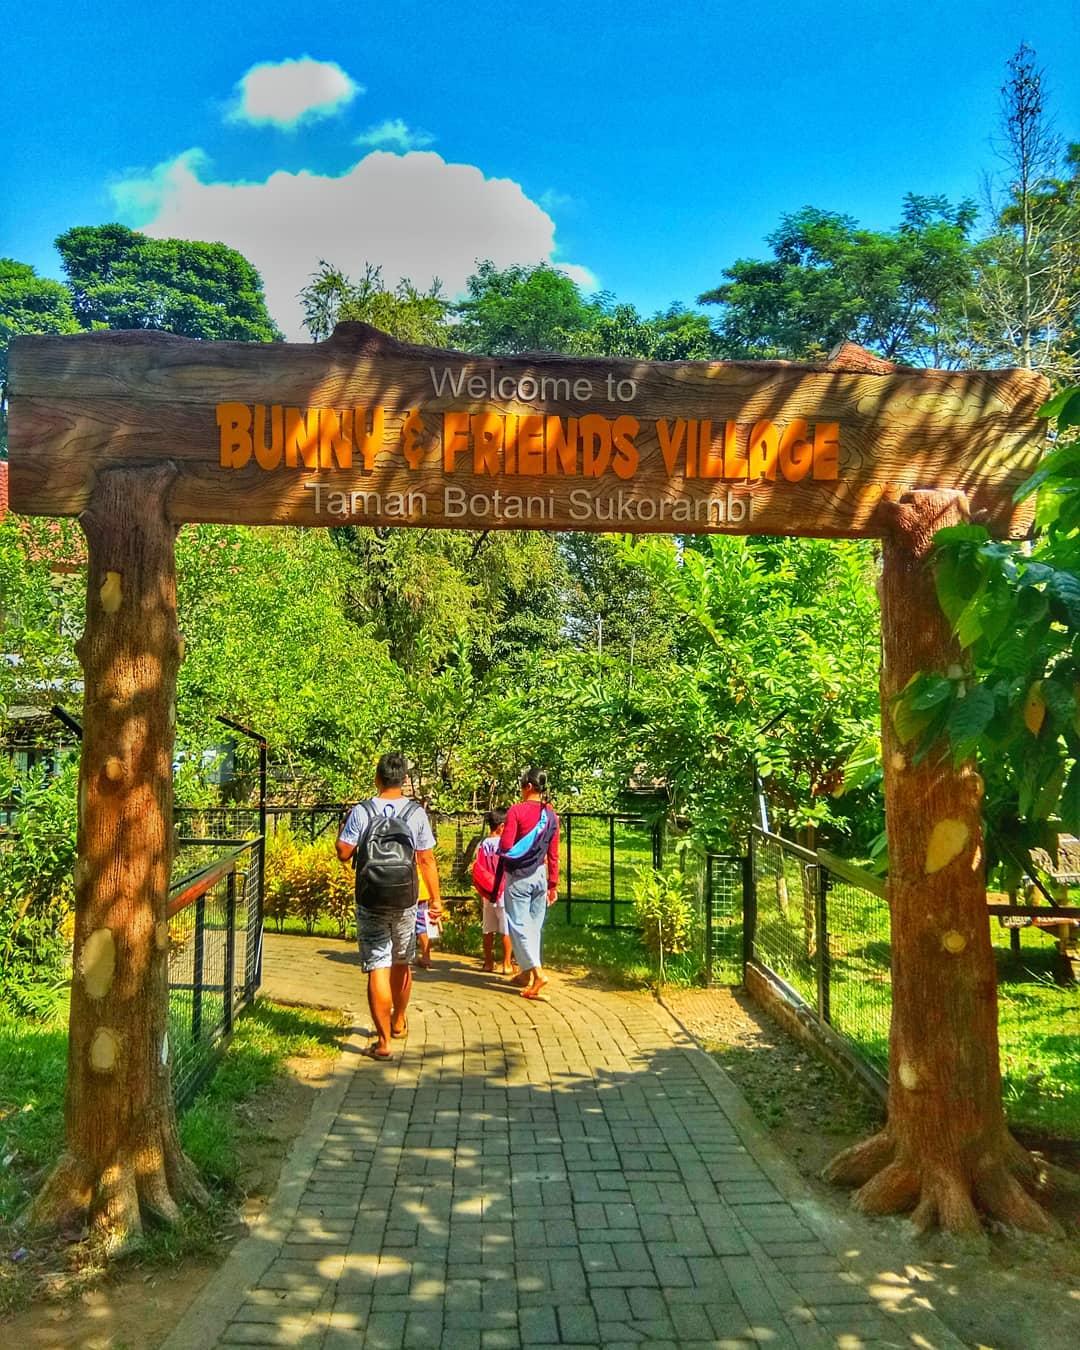 menikmati pemandangan taman botani sukorambi jember